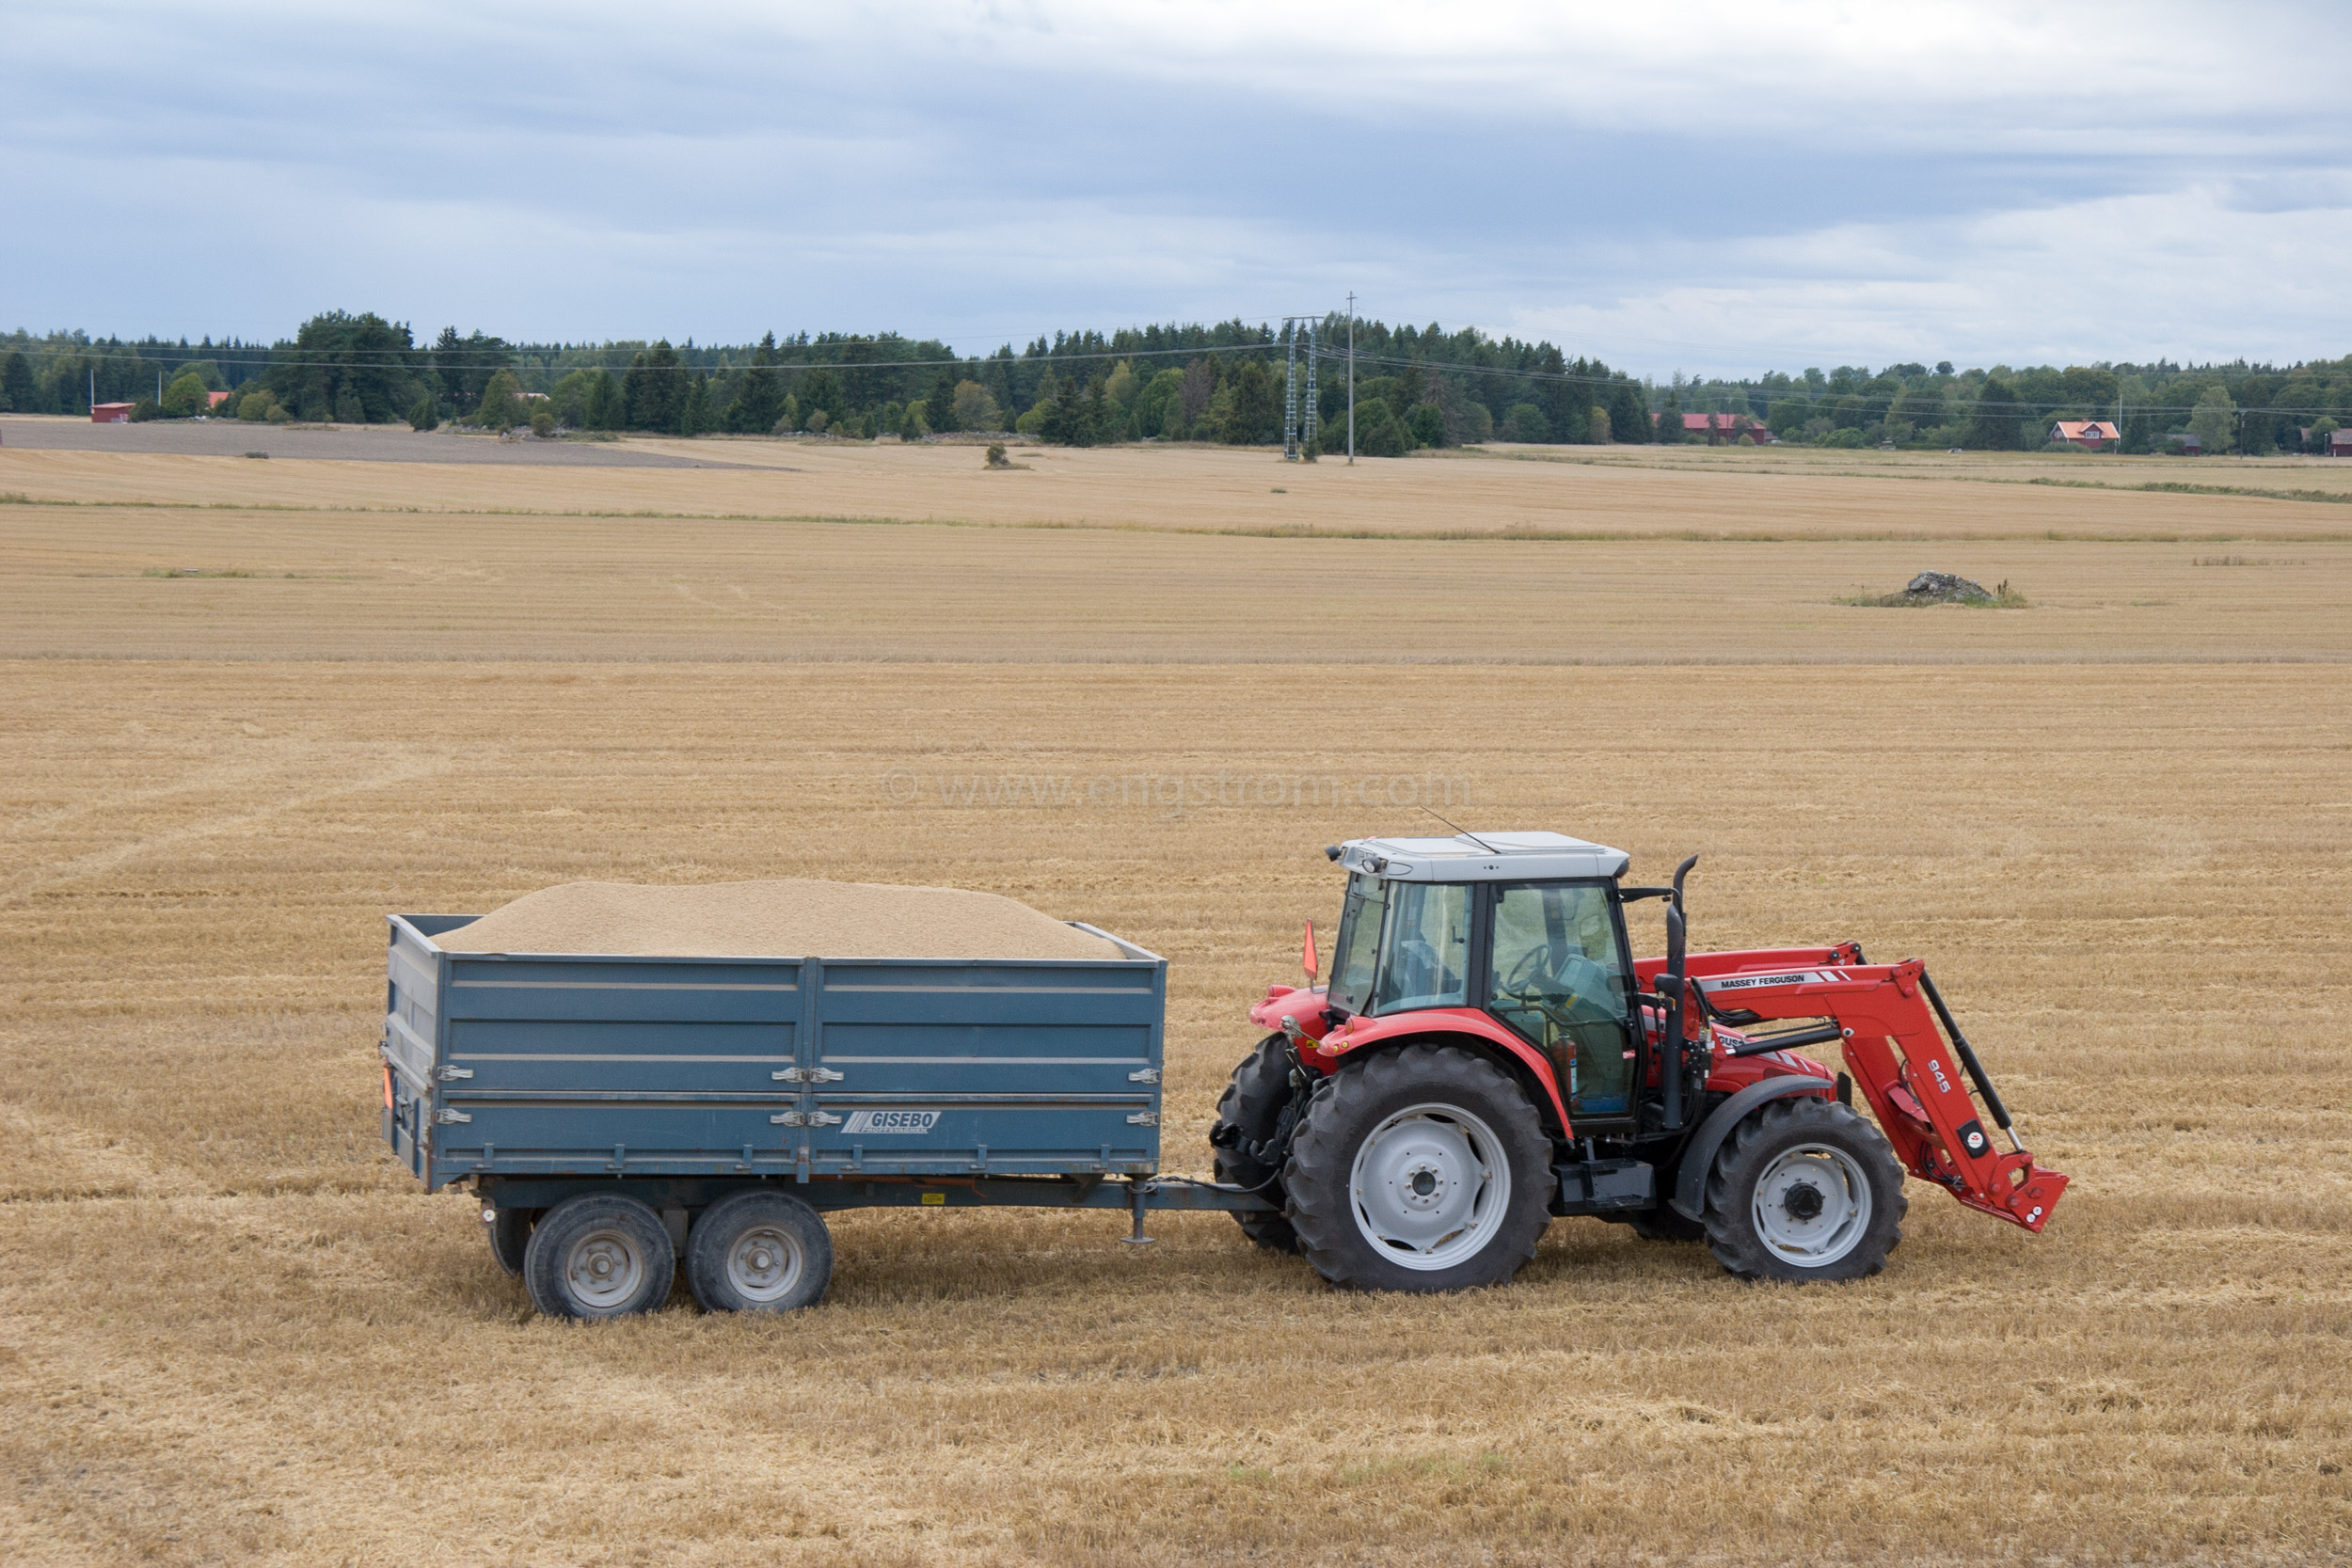 JE_20796, Traktor med spannmålsvagn på tröskad åker, Jonas Engström